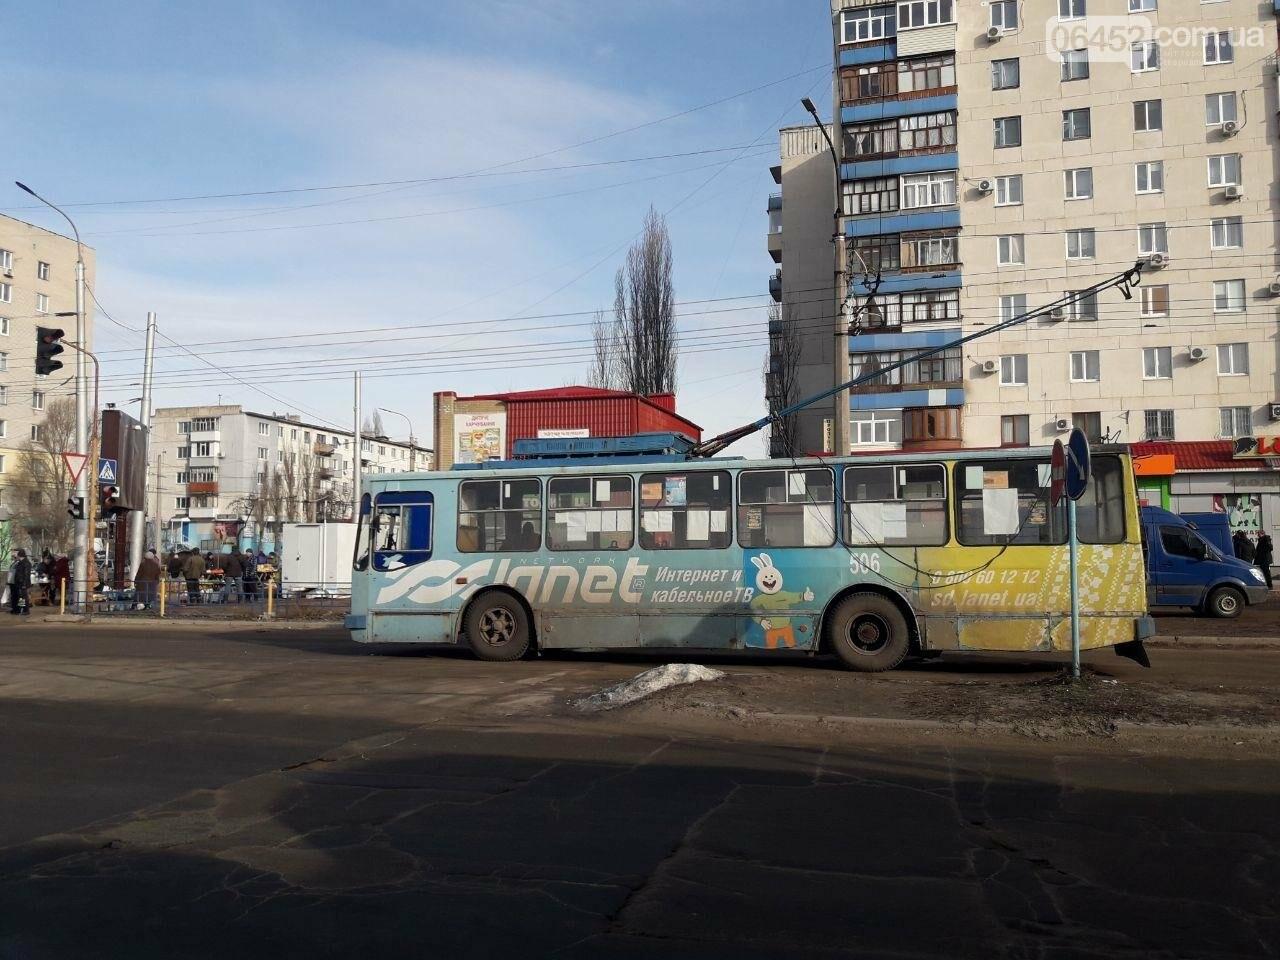 Потеря электрического напряжения: в Северодонецке стояли троллейбусы, фото-1